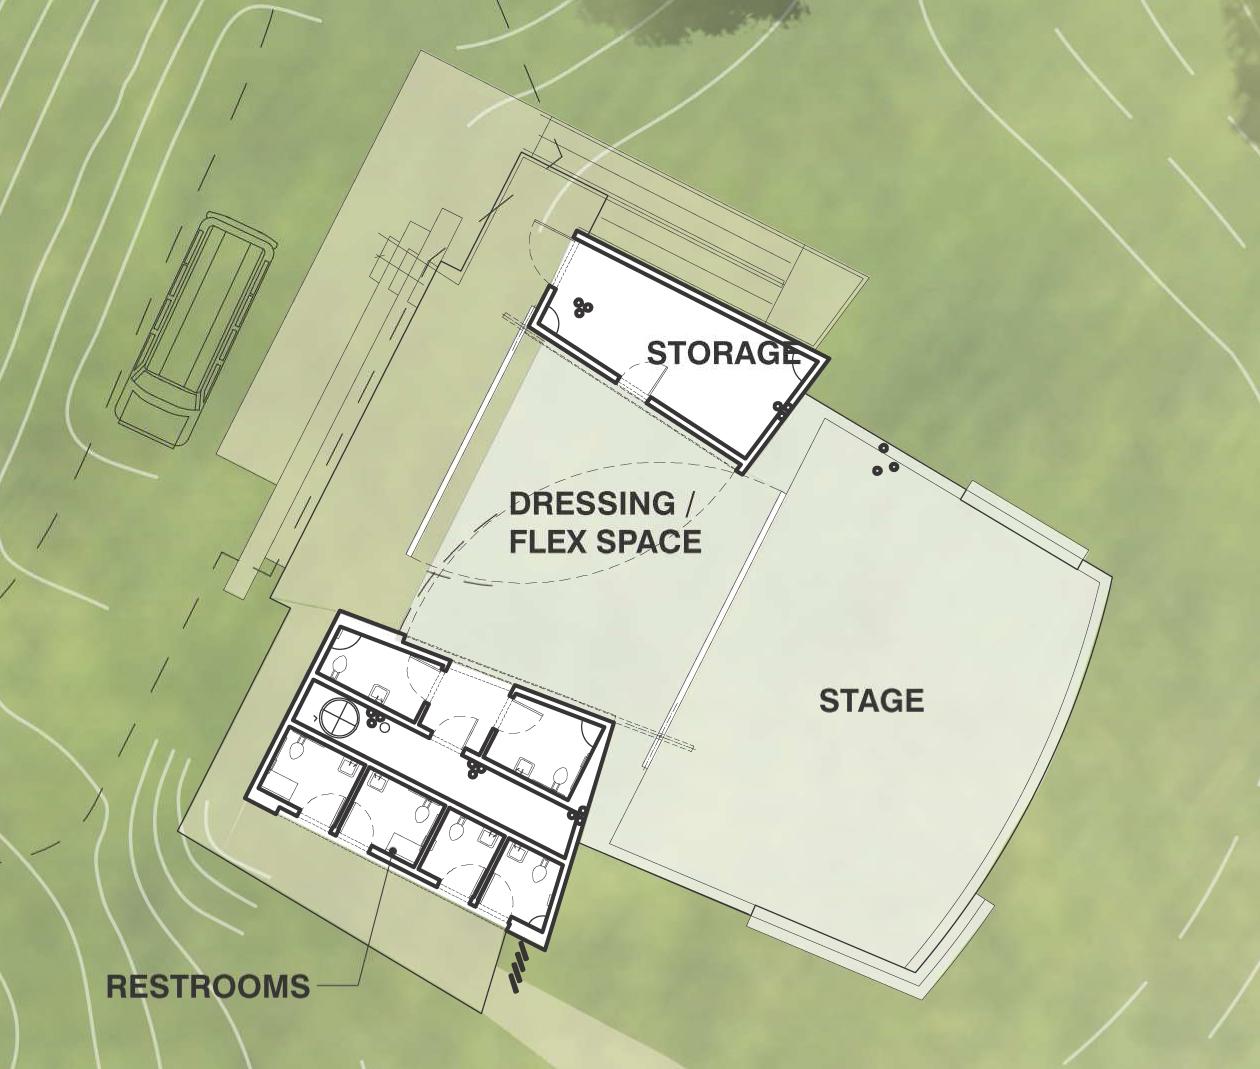 Photo: Amphitheater Plan